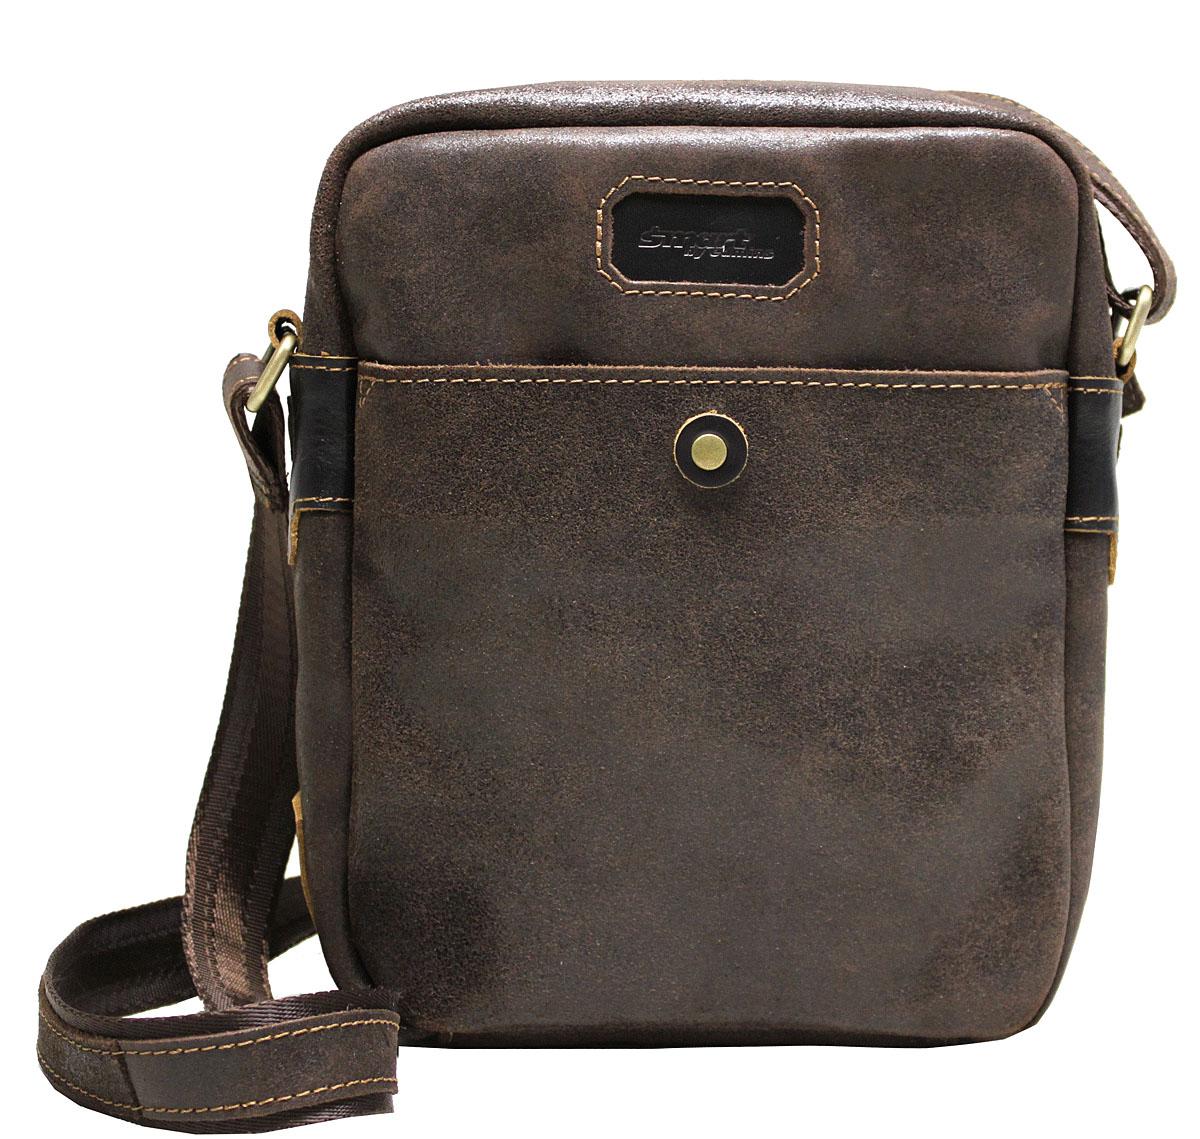 Сумка-планшет мужская Edmins Smart by Edmins, цвет: коричневый. 14С656КЗS76245Мужская сумка Edmins имеет одно отделение, закрывающееся на застежку-молнию. Оснащена регулируемым плечевым ремнем. C тыльной стороны сумки расположен прорезной карман на застежке-молнии. С передней стороны имеется накладной карман.